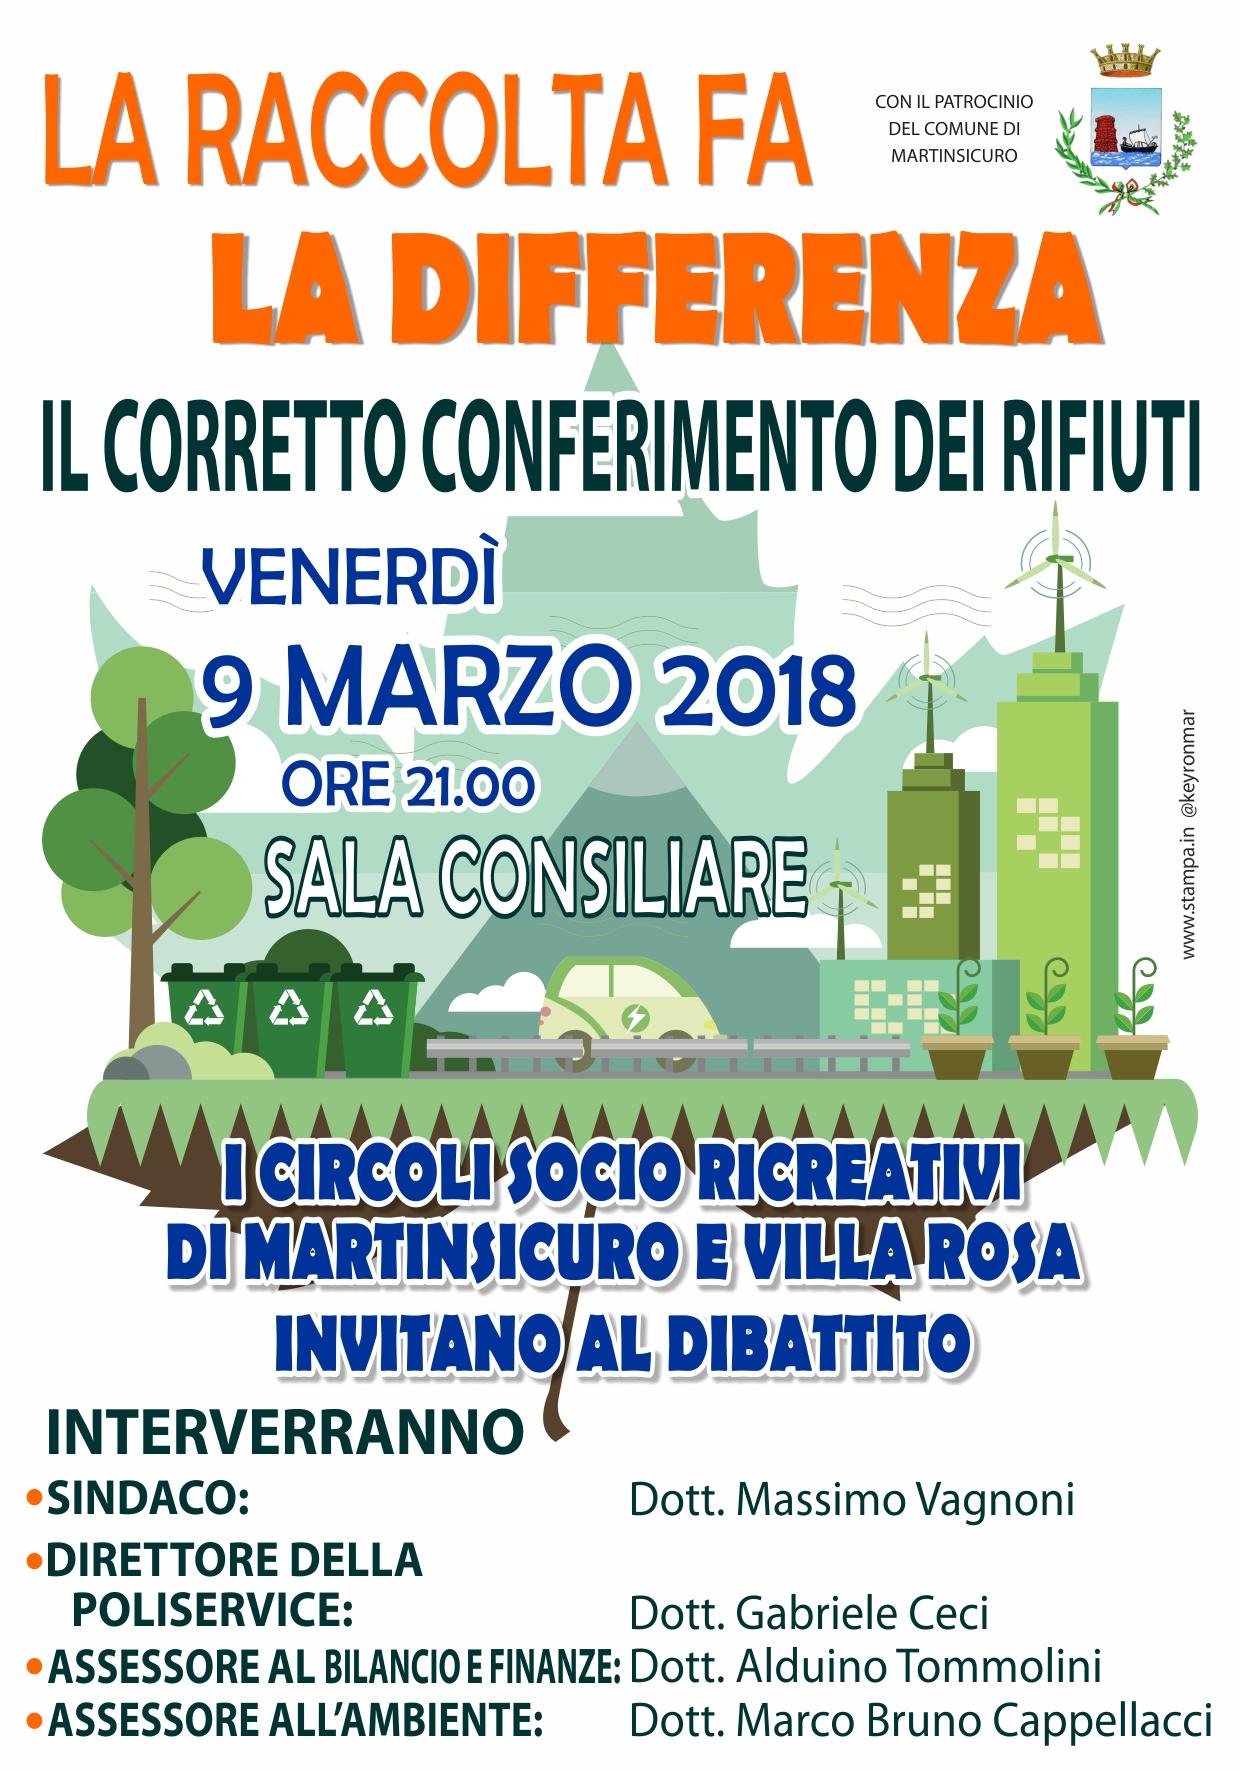 Martinsicuro.Raccolta differenziata e Centri Sociali Ricreativi: incontro con gli amministratori